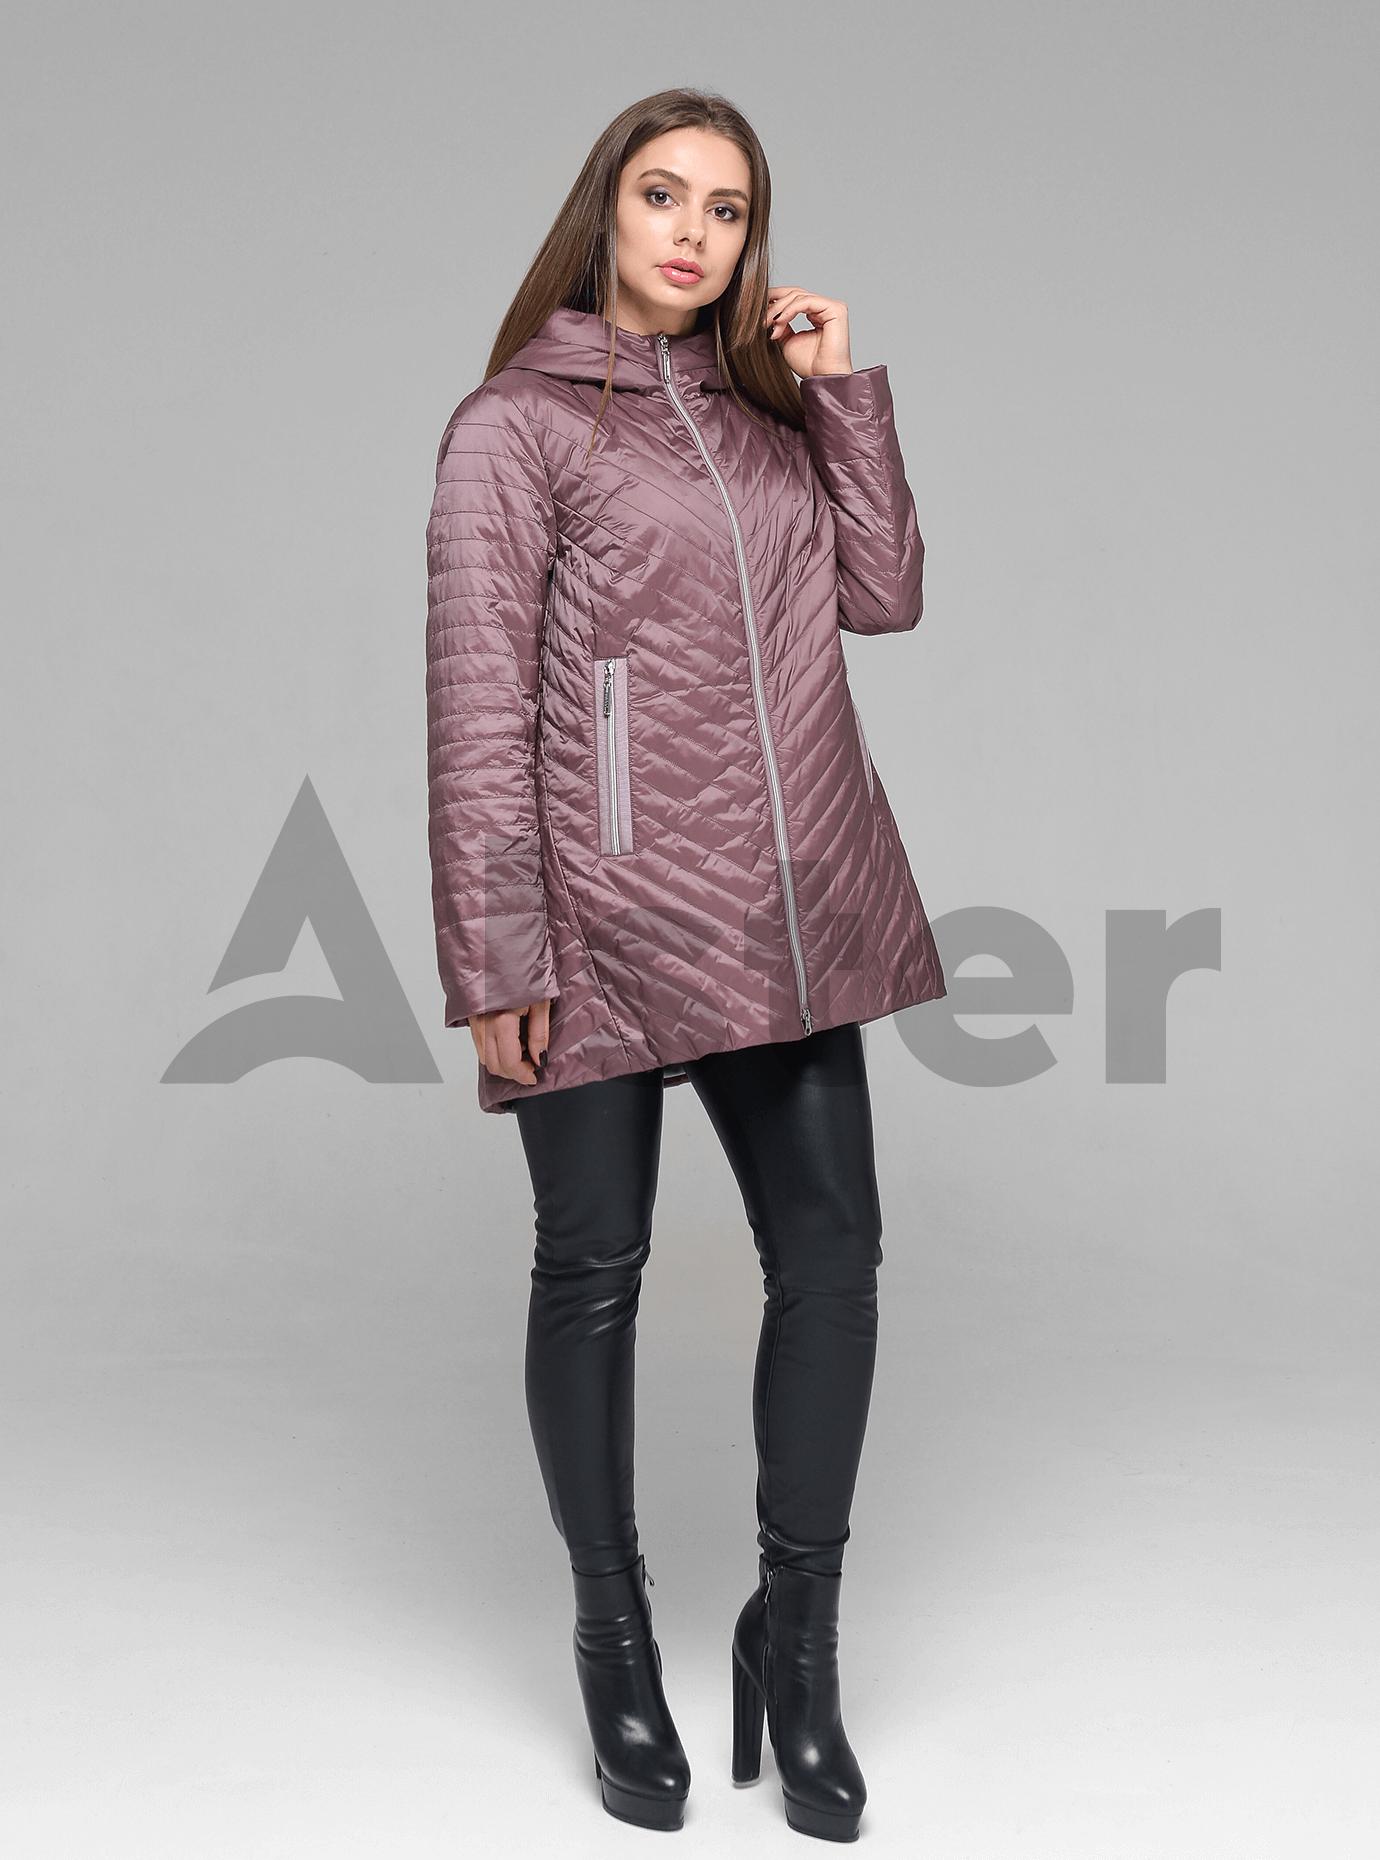 Куртка демисезонная женская с капюшоном Розовый 56 (02-D190145): фото - Alster.ua